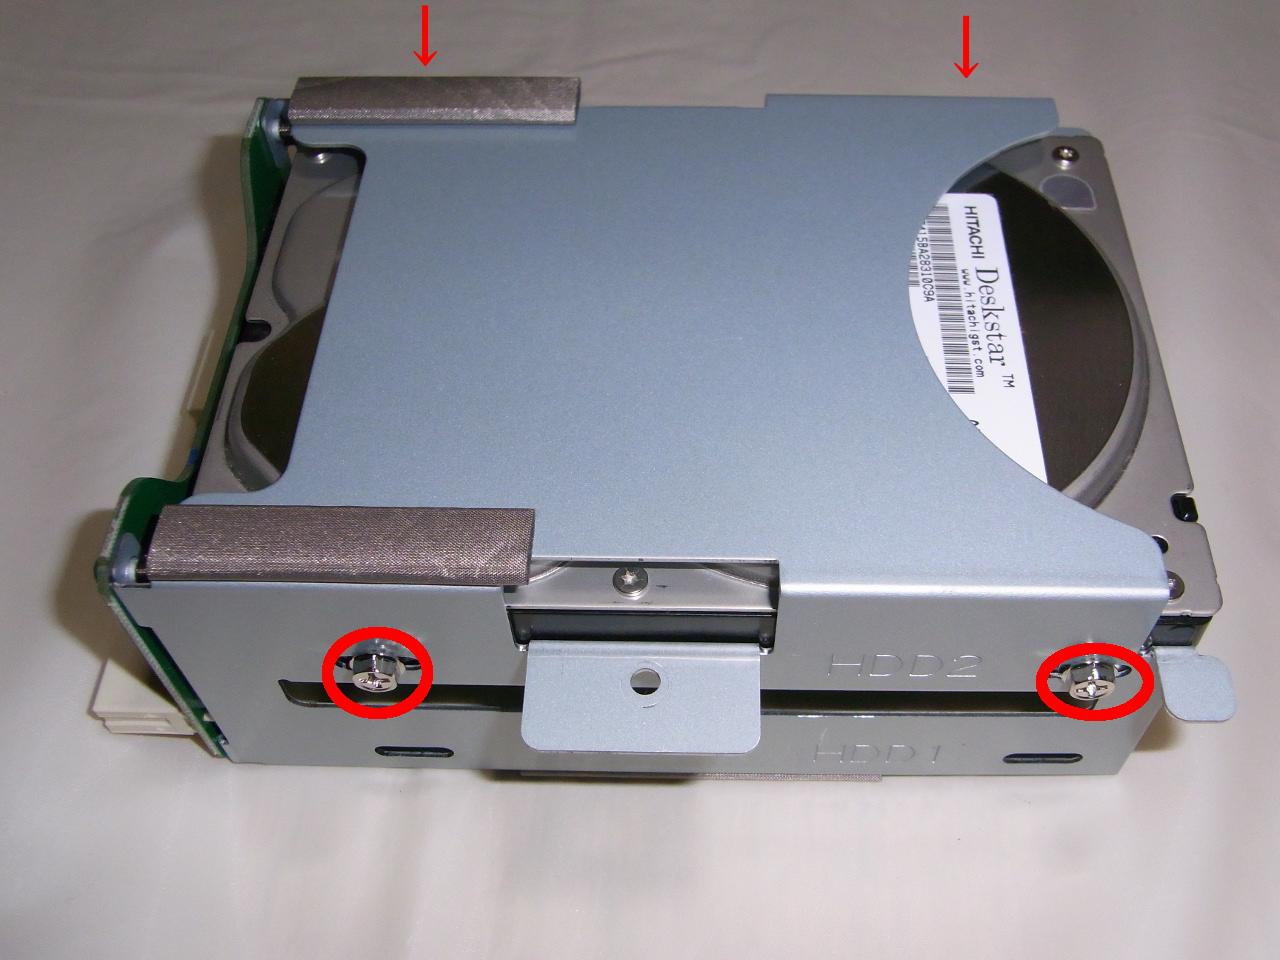 CG-HDC2EUS31-W HDDをねじで固定